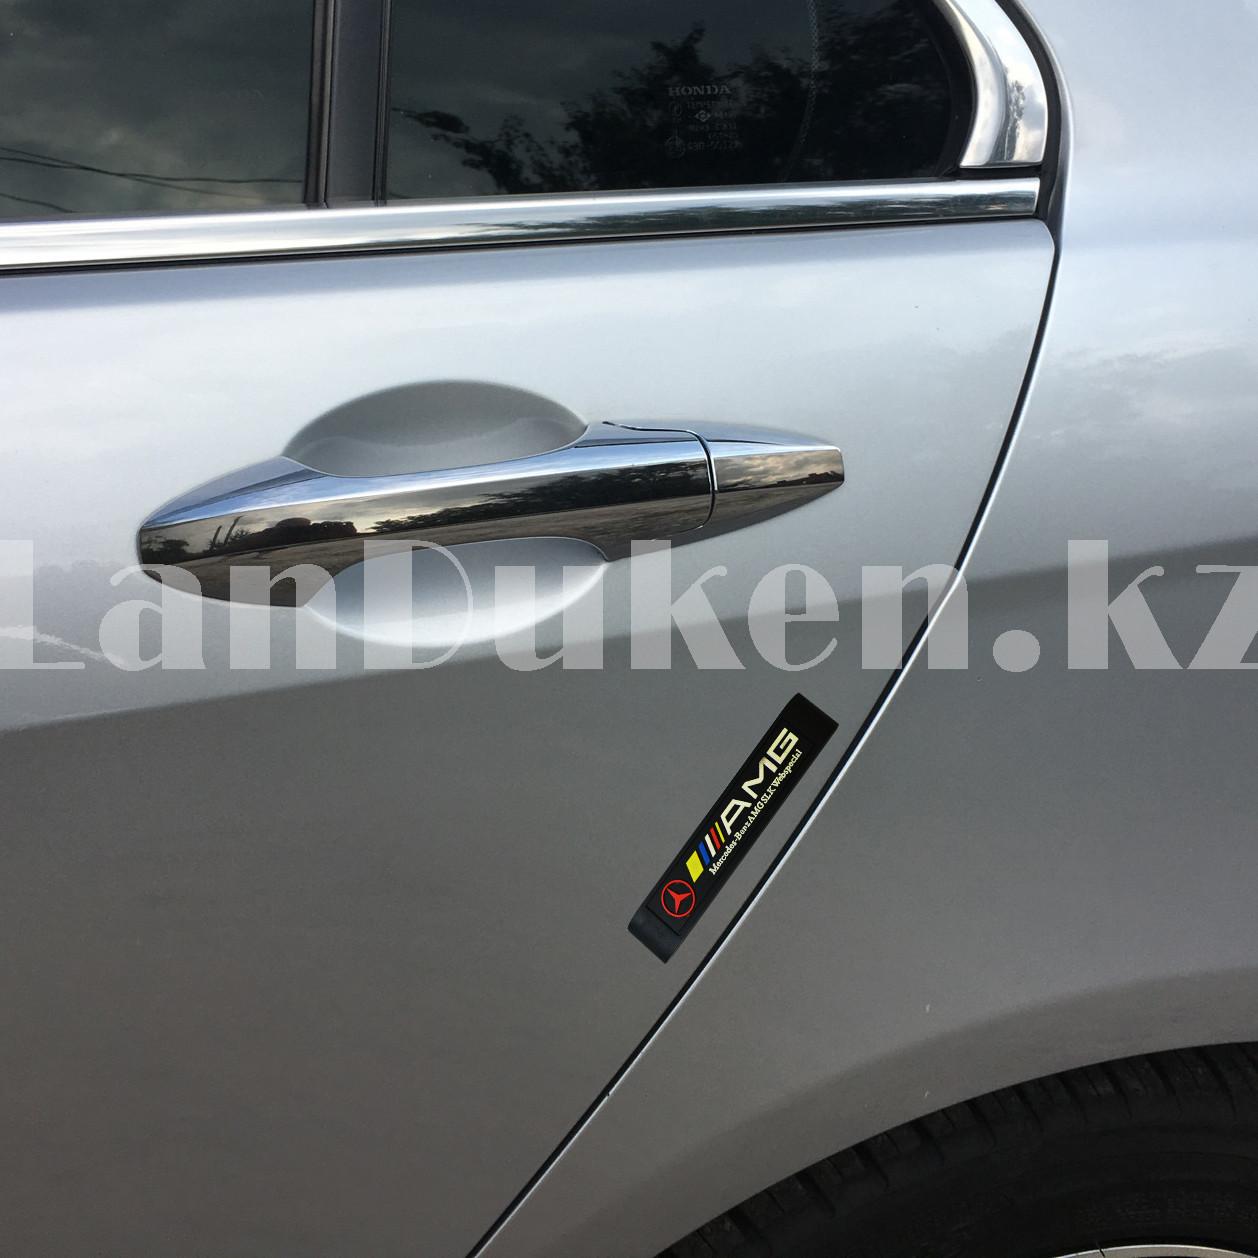 Накладки защитные на двери машины Fouring Black Label AMG - фото 2